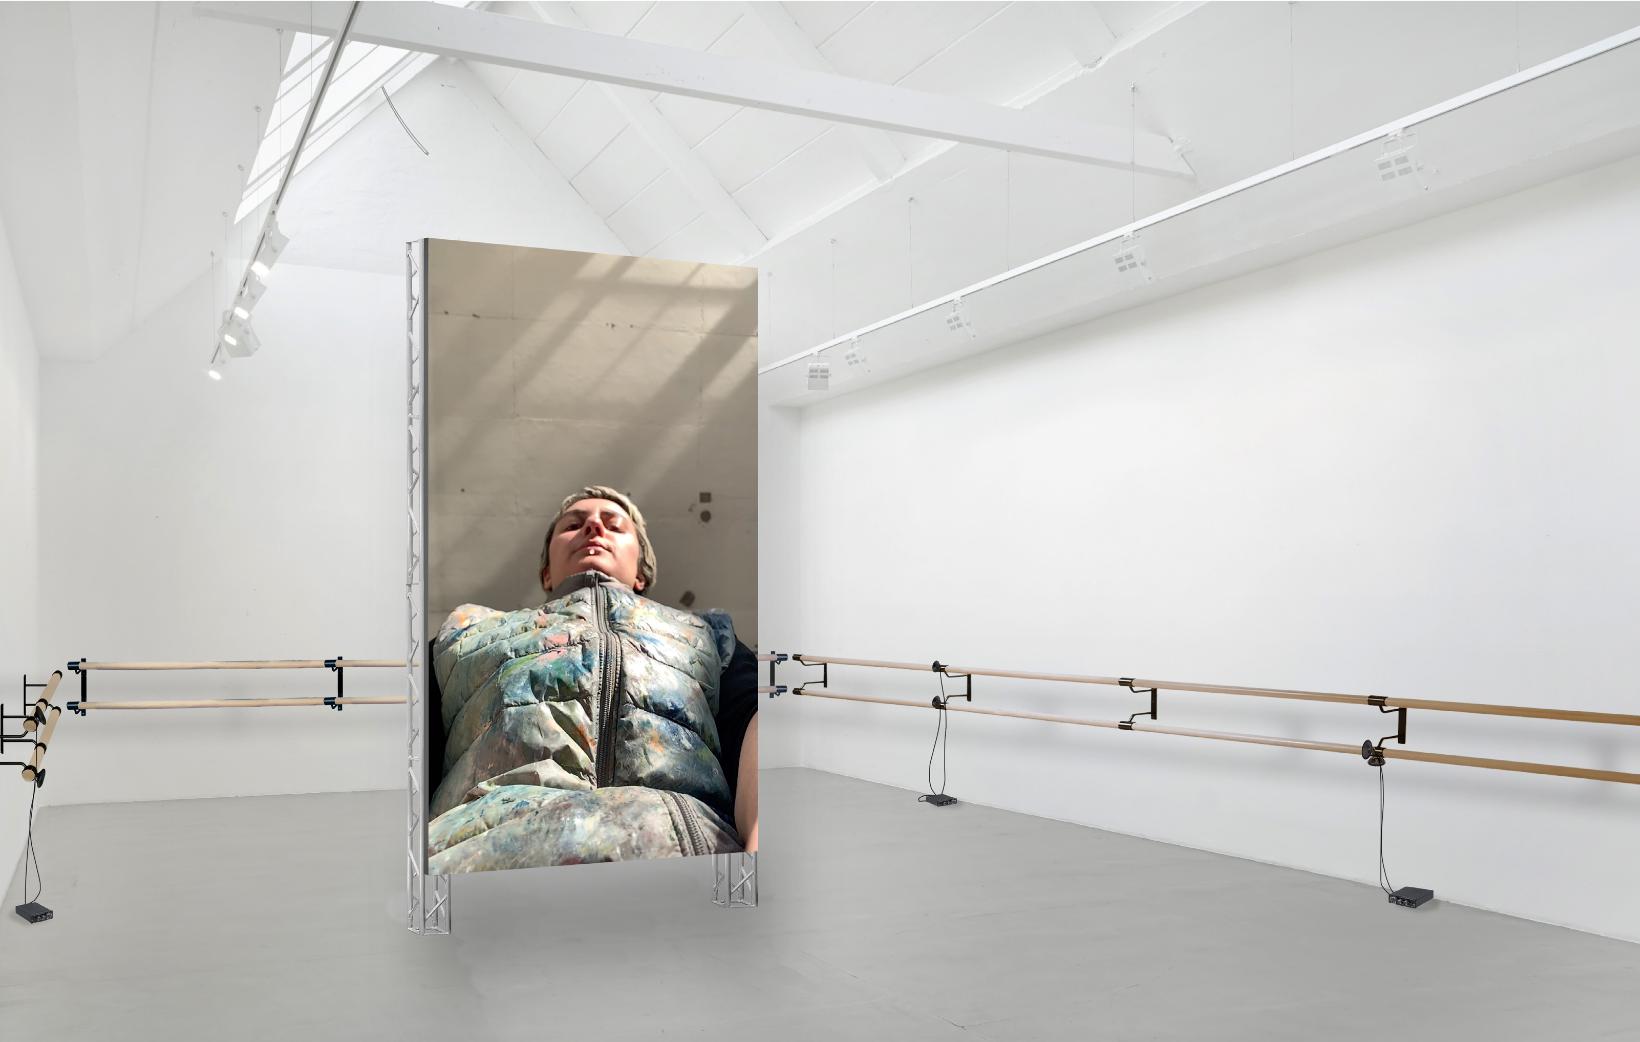 Auf einem hochformatigen Screen ist die Künstlerin Anna K. E. aus der Selfie-Perspektive zu sehen. Der Screen steht im White Cube der Galerie Barbara Thumm.